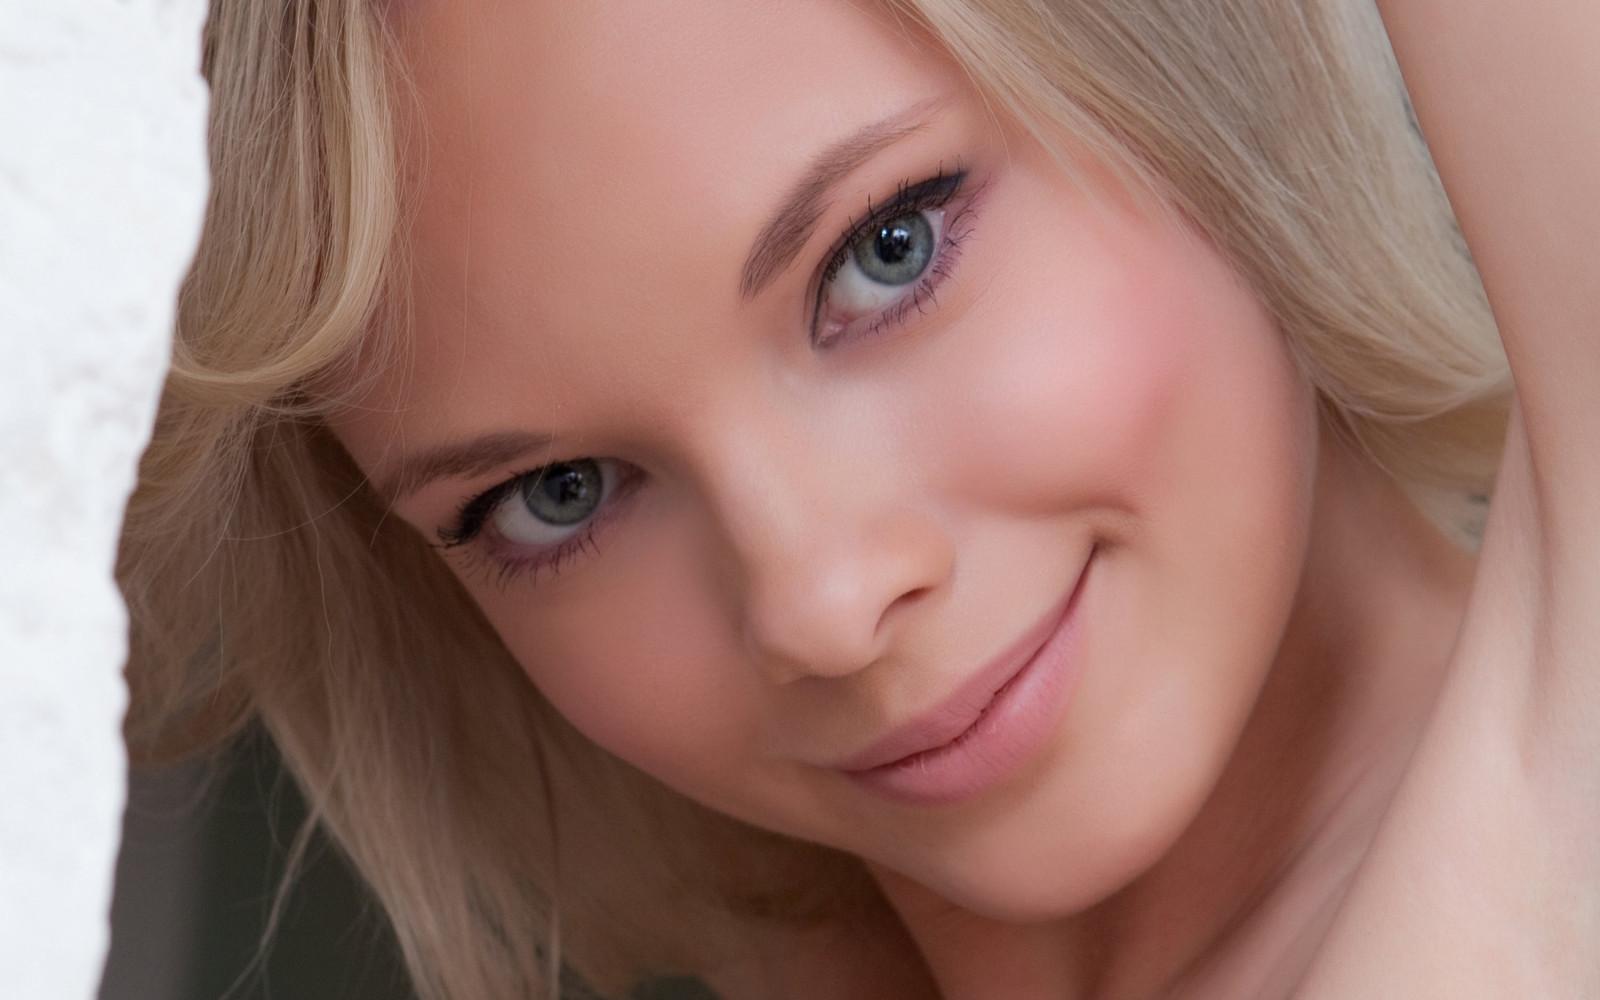 Реальное видео молодая блондинка играет групповое порно видео